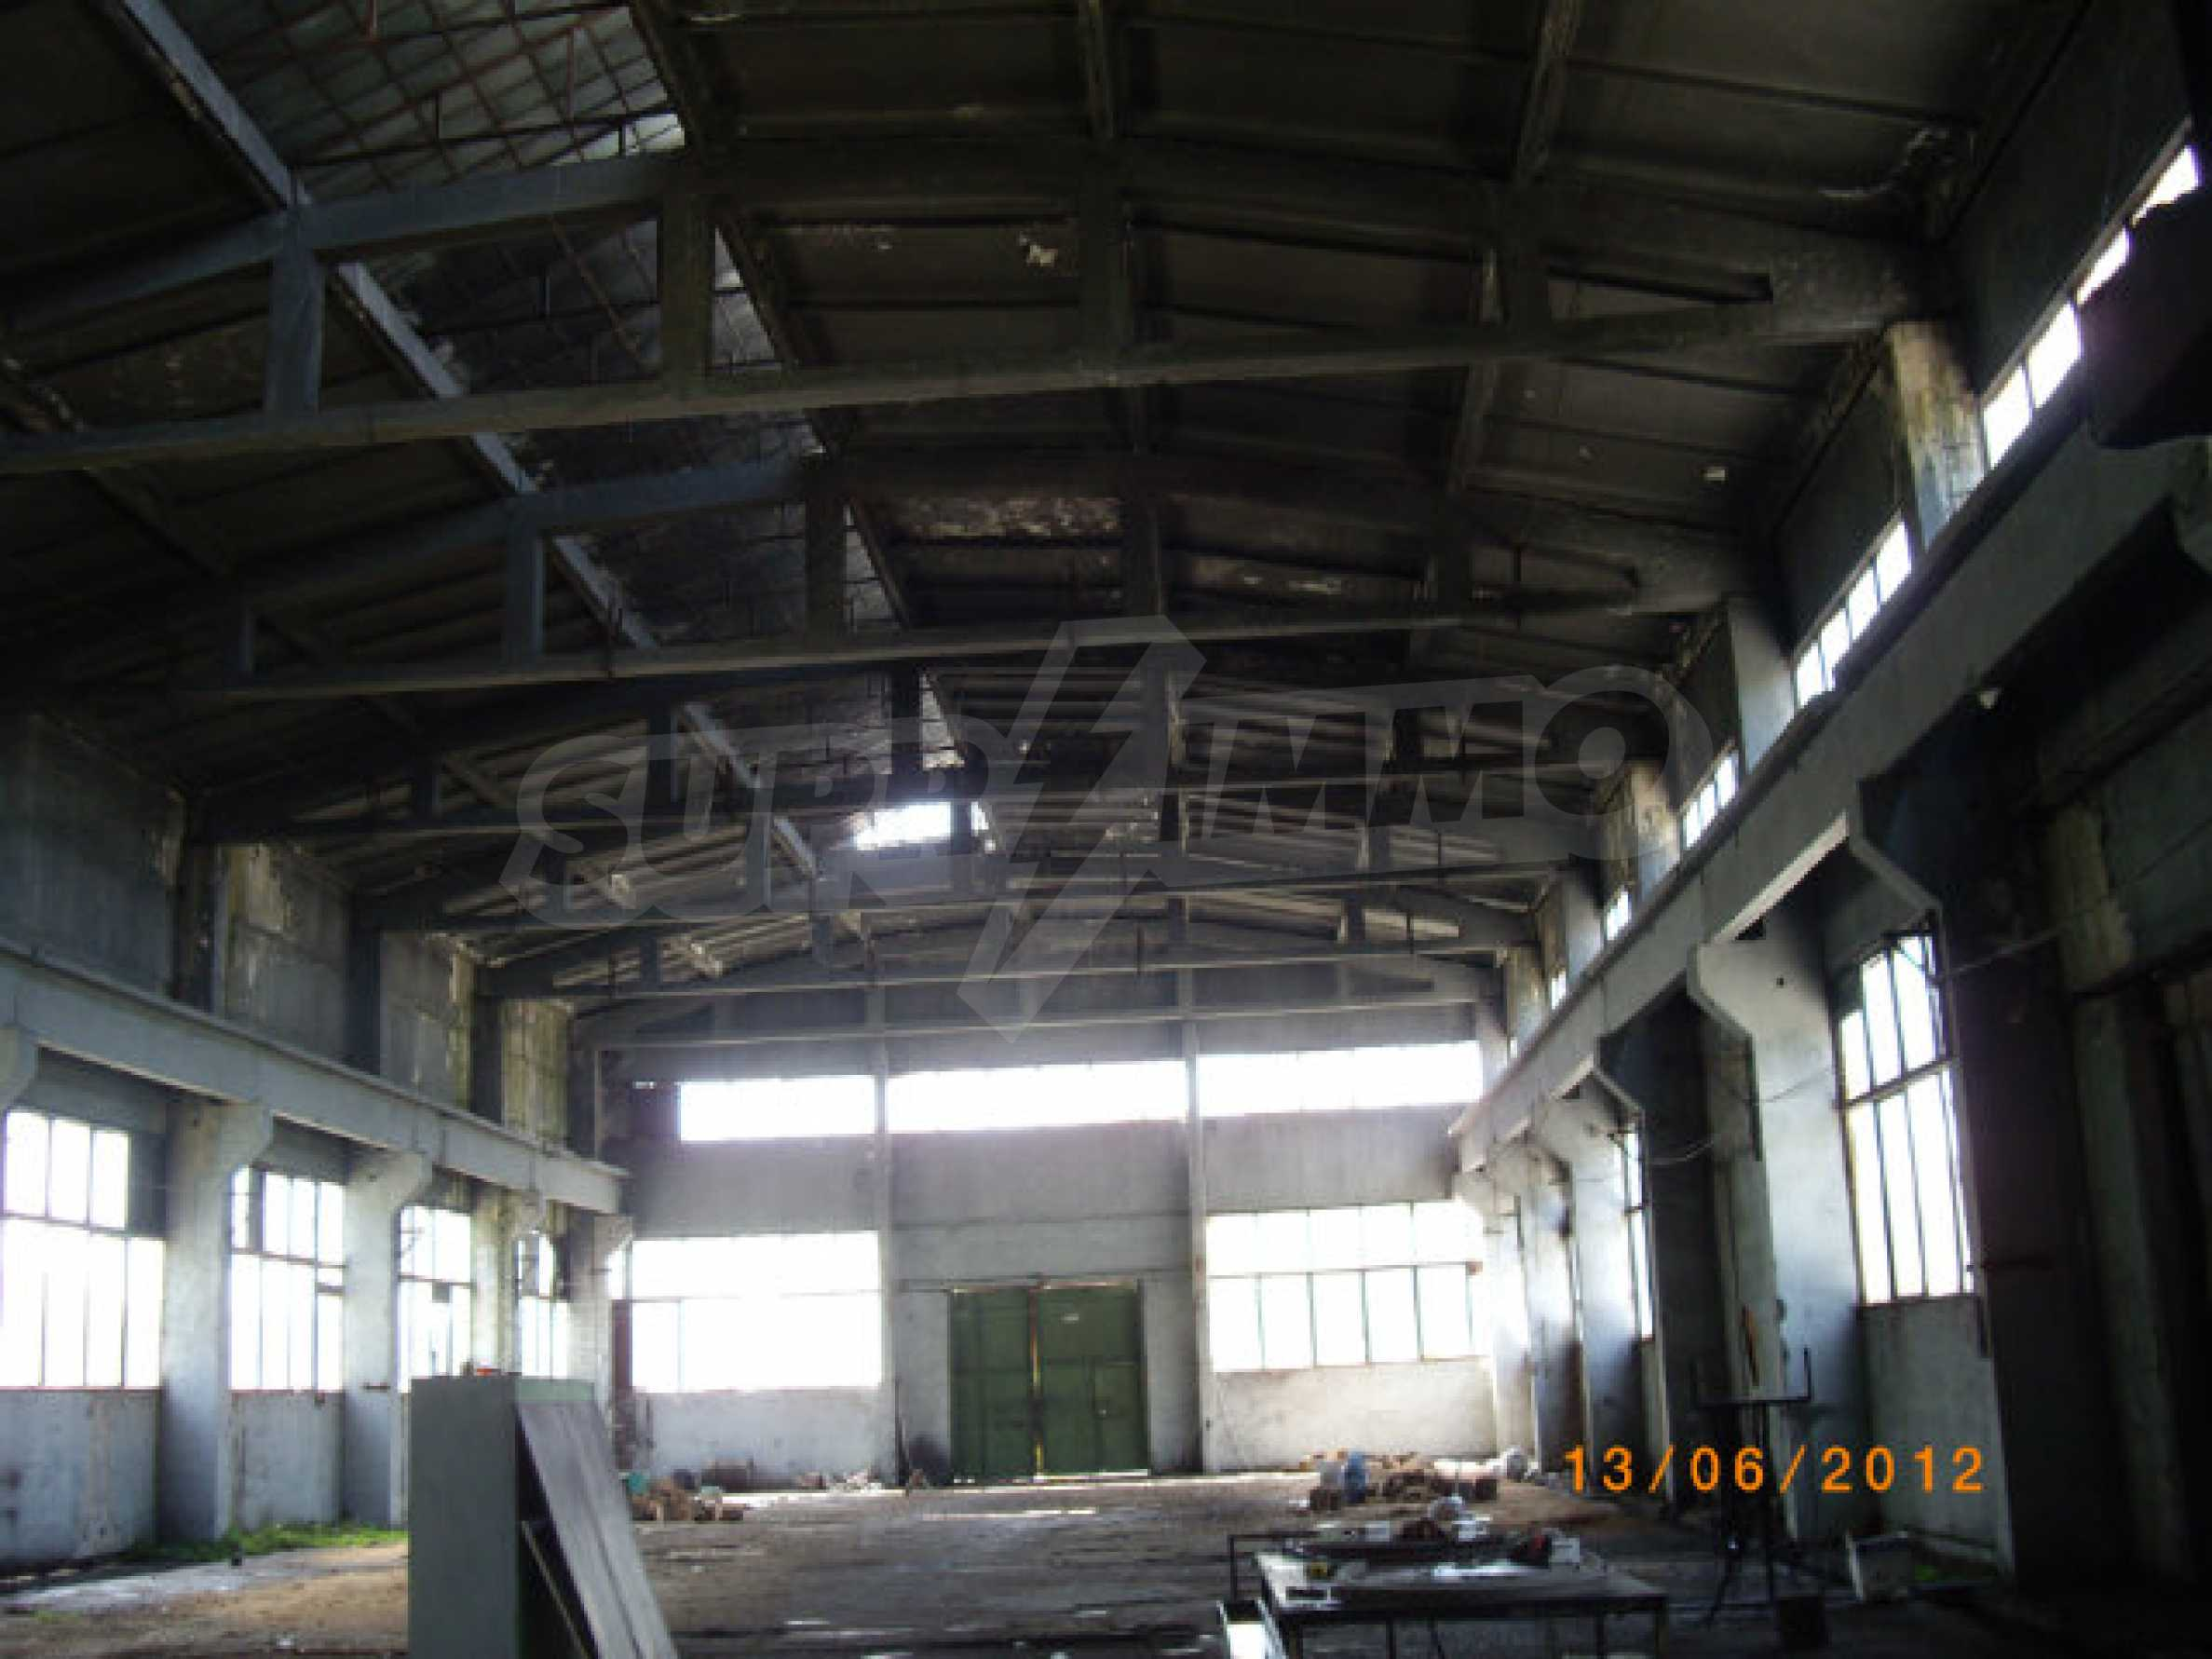 Produktionsgebäude mit Dienstleistungs- und Verwaltungsgebäude in der Nähe von Monatan 20